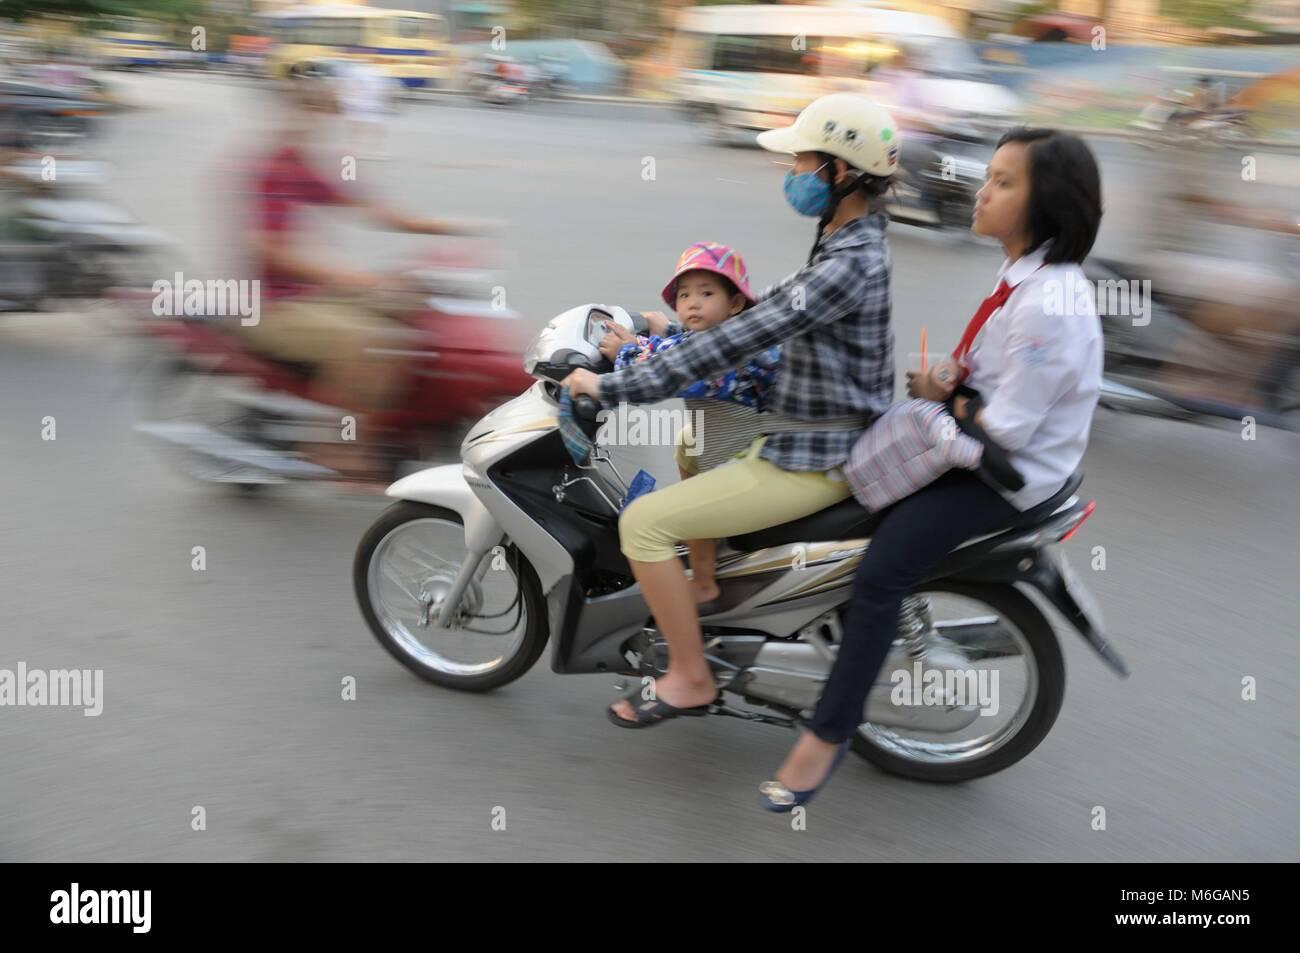 Motorrad im verkehr mit mutter fahren junge schulmädchen auf dem